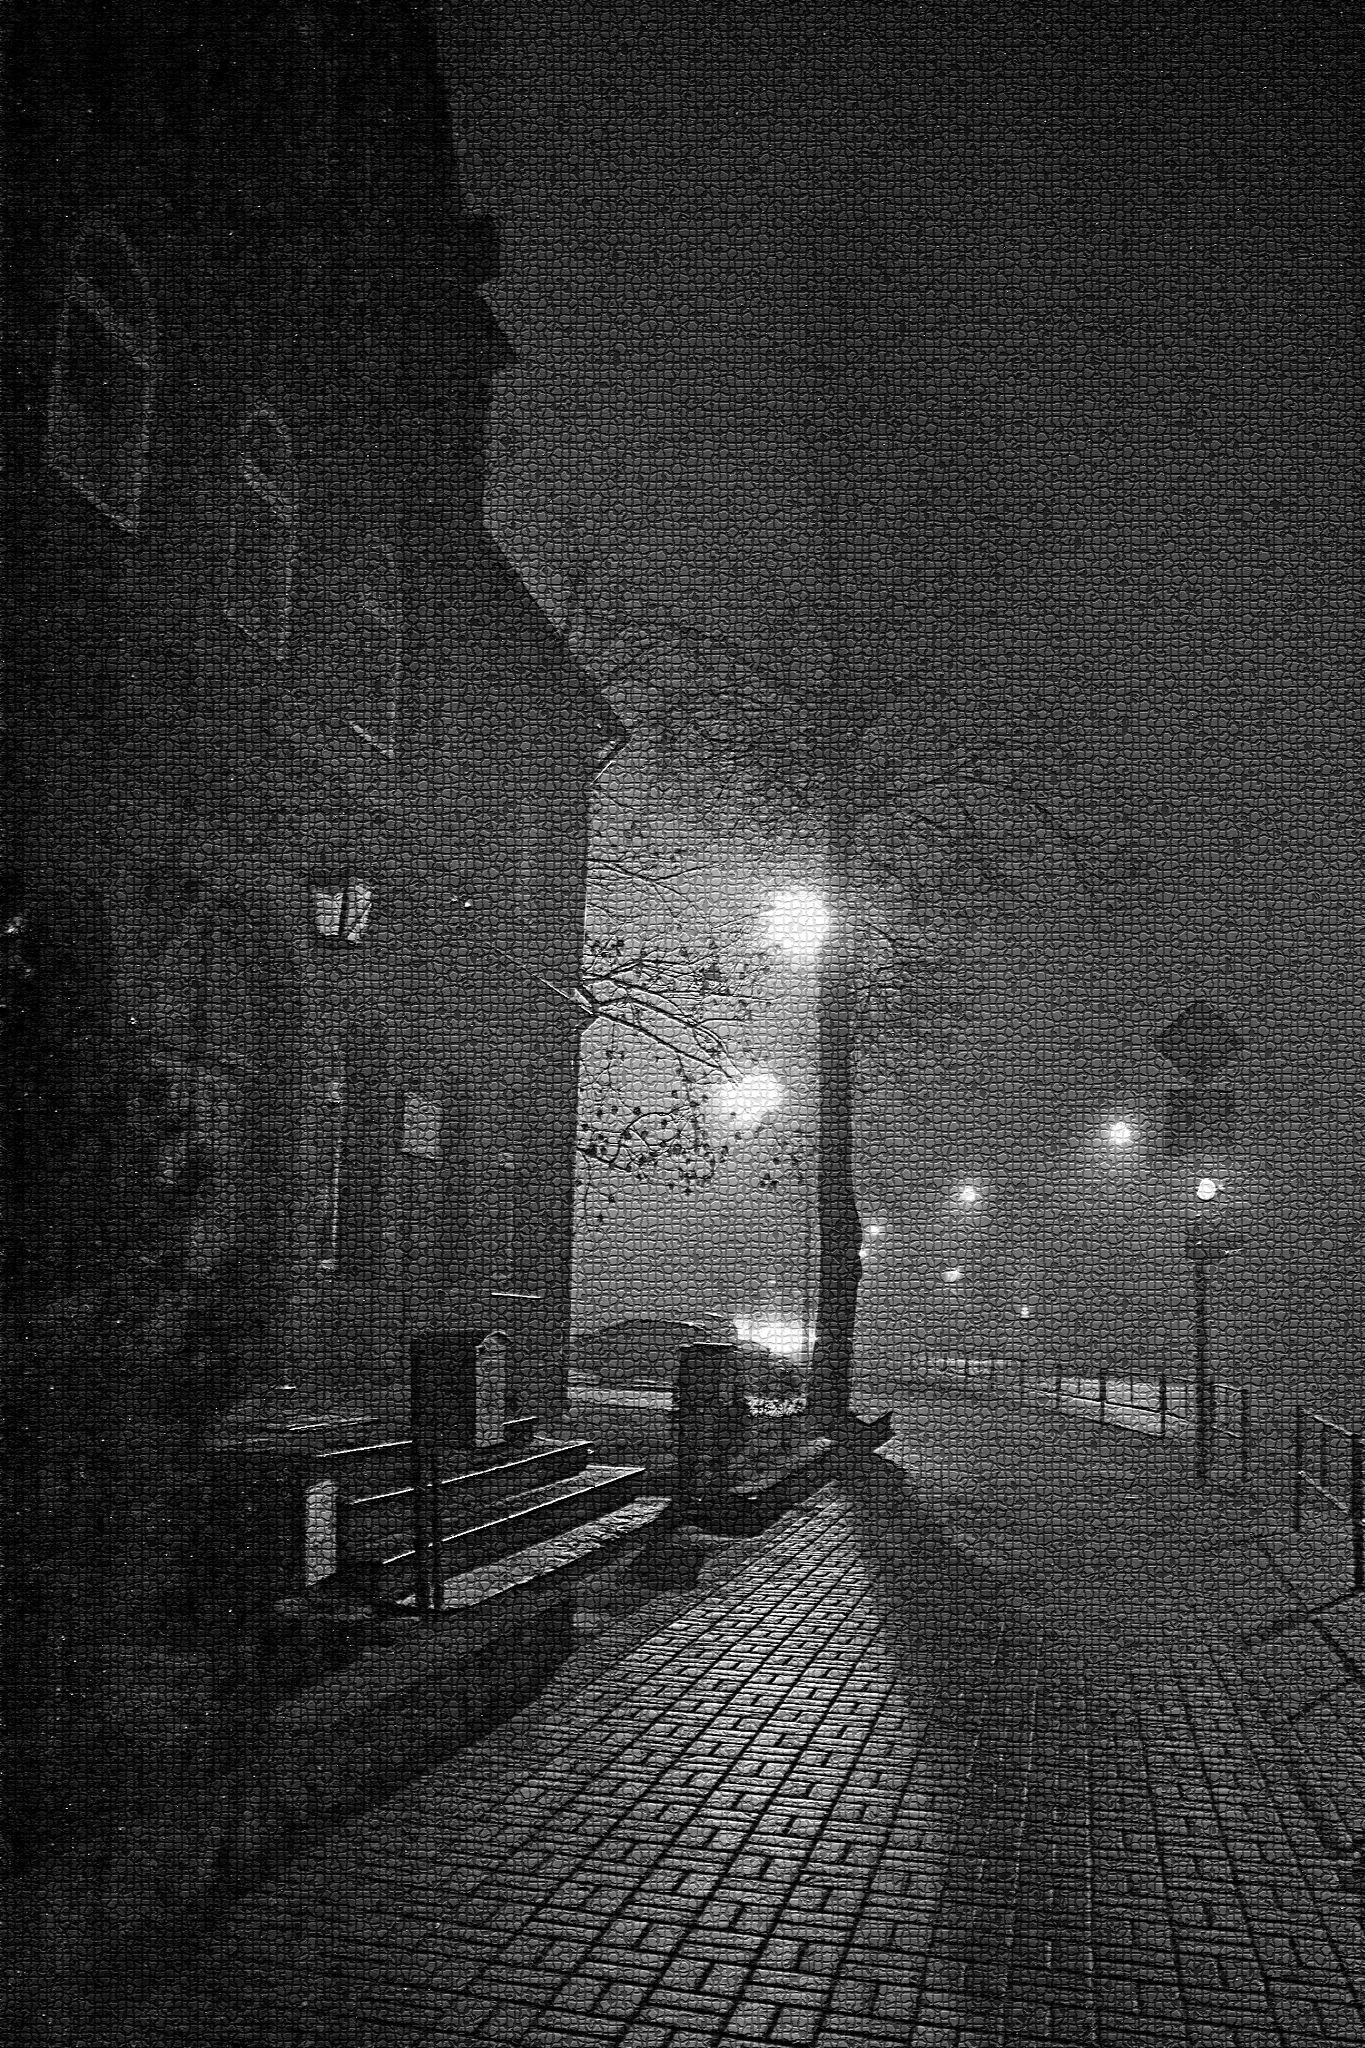 Night street by Zenonas Meškauskas